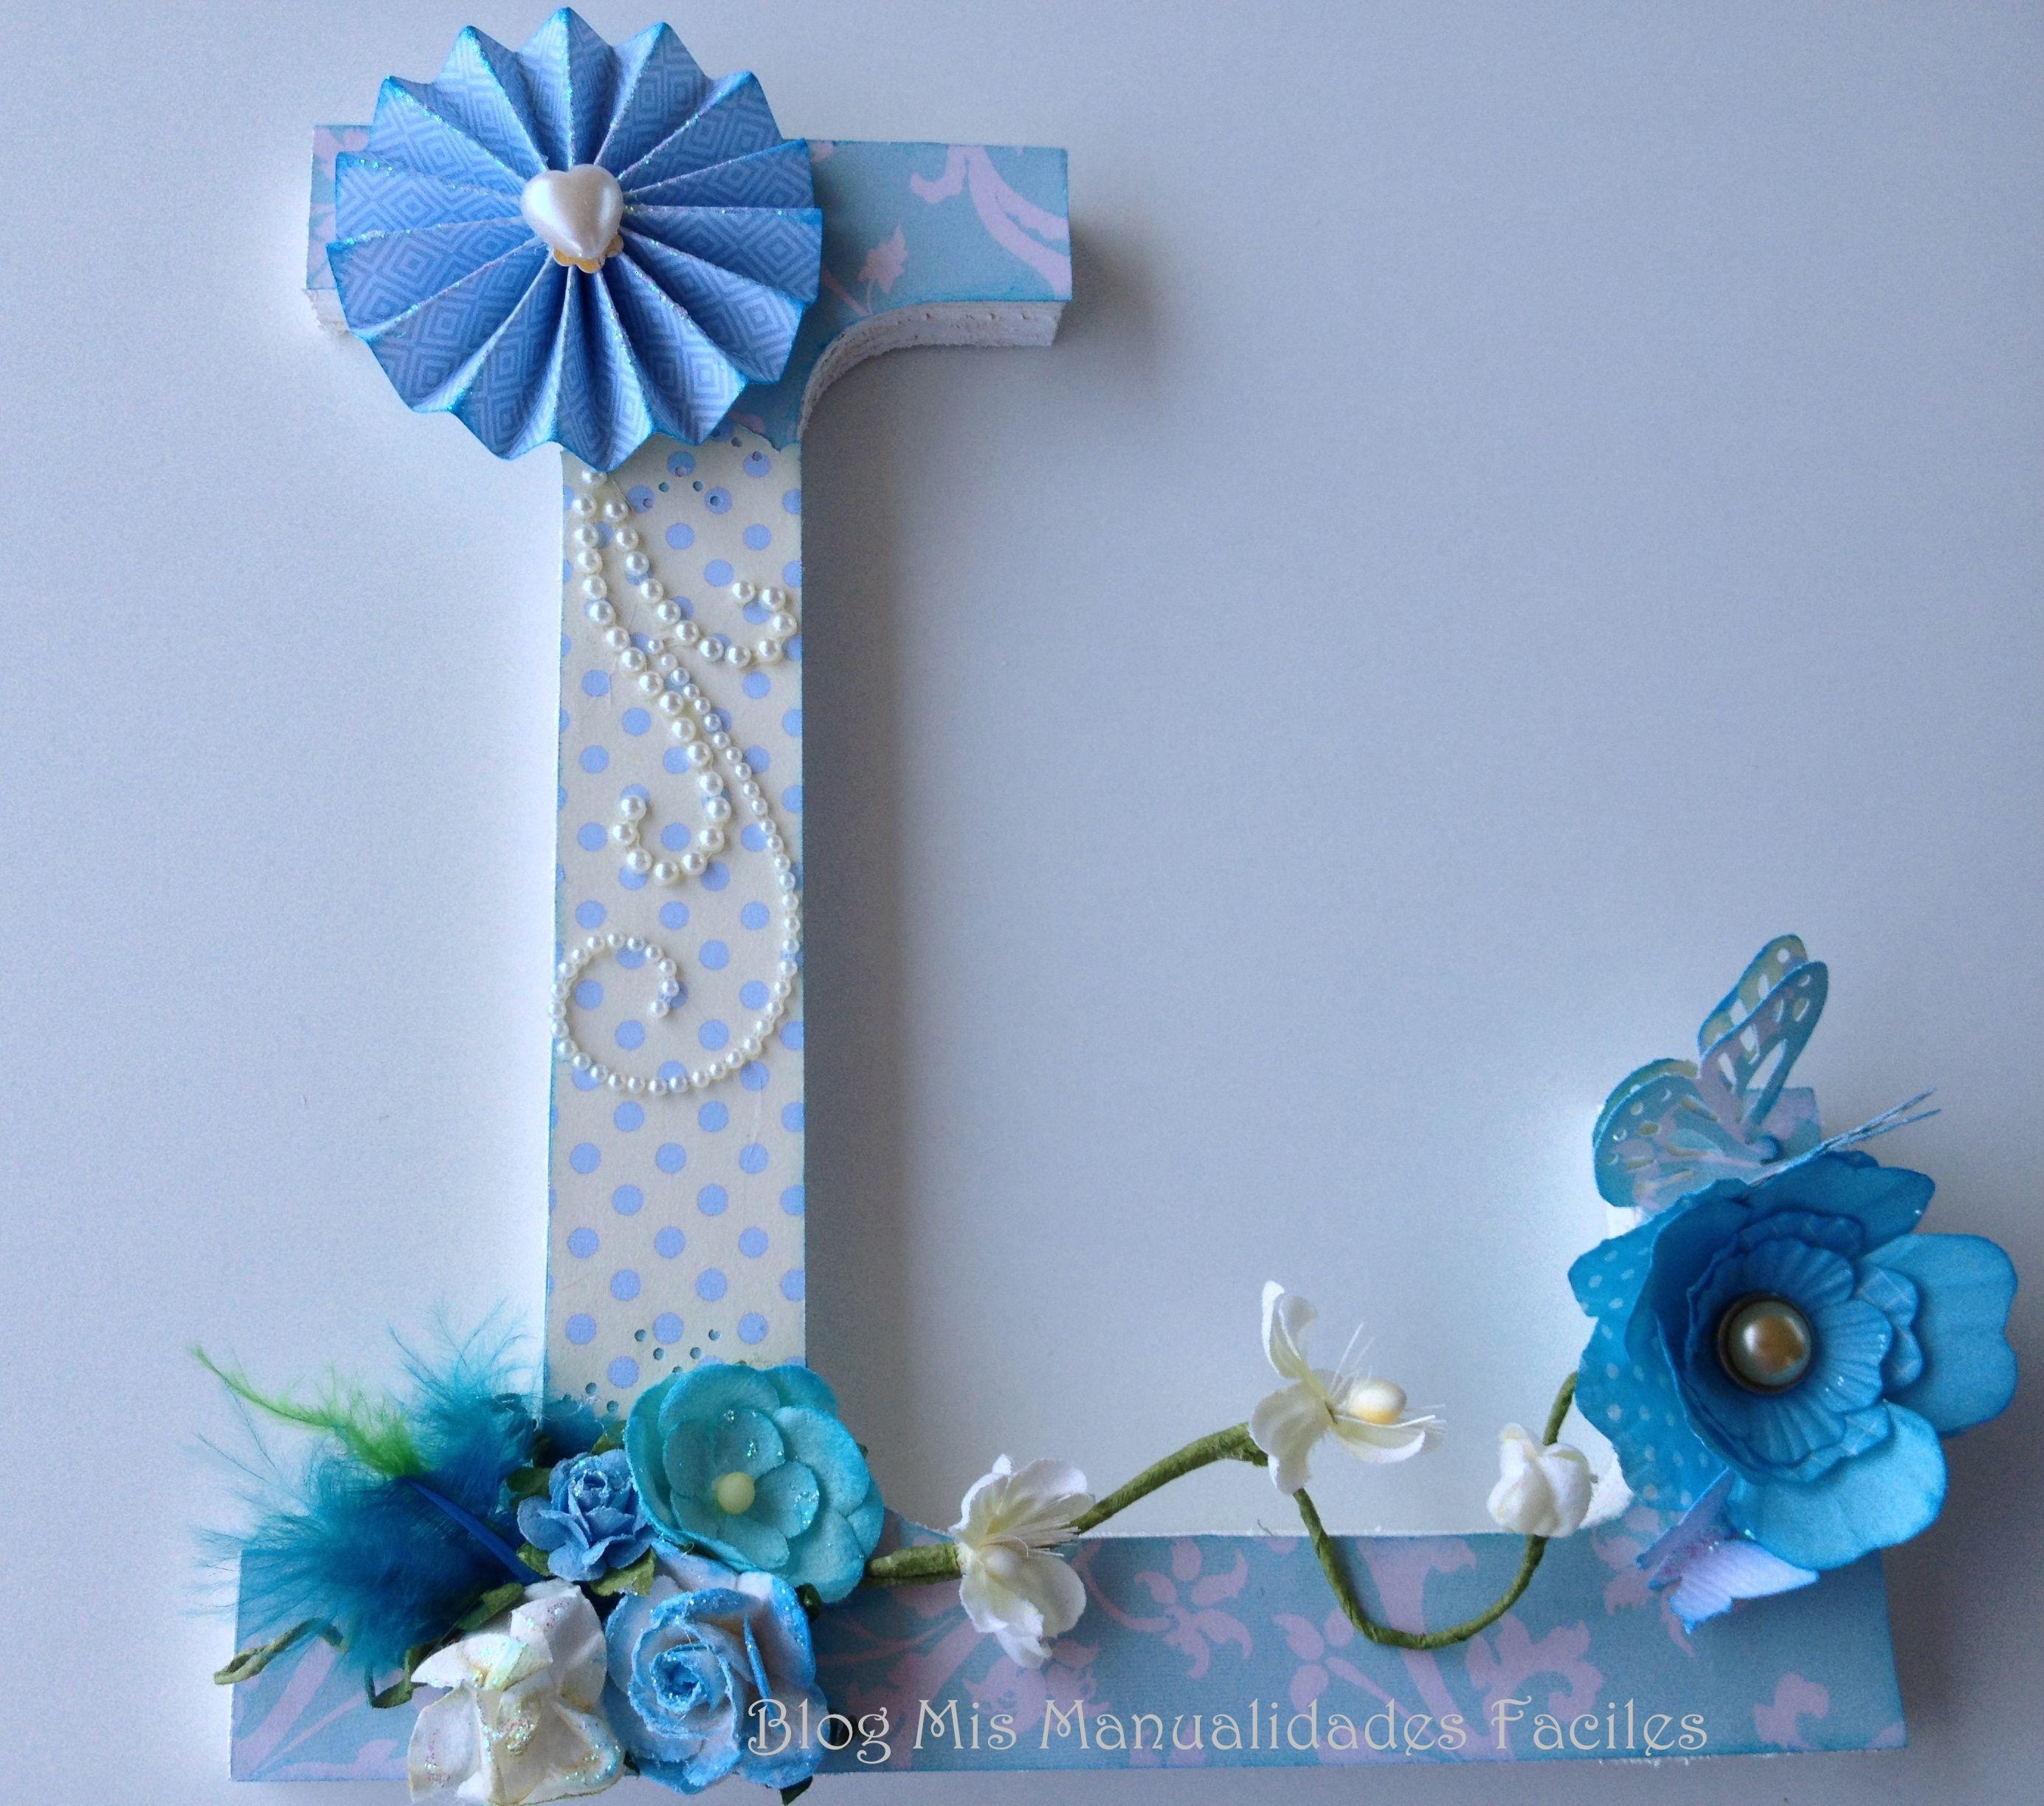 Elemento de decoración para colgar en paredes o estanterías.